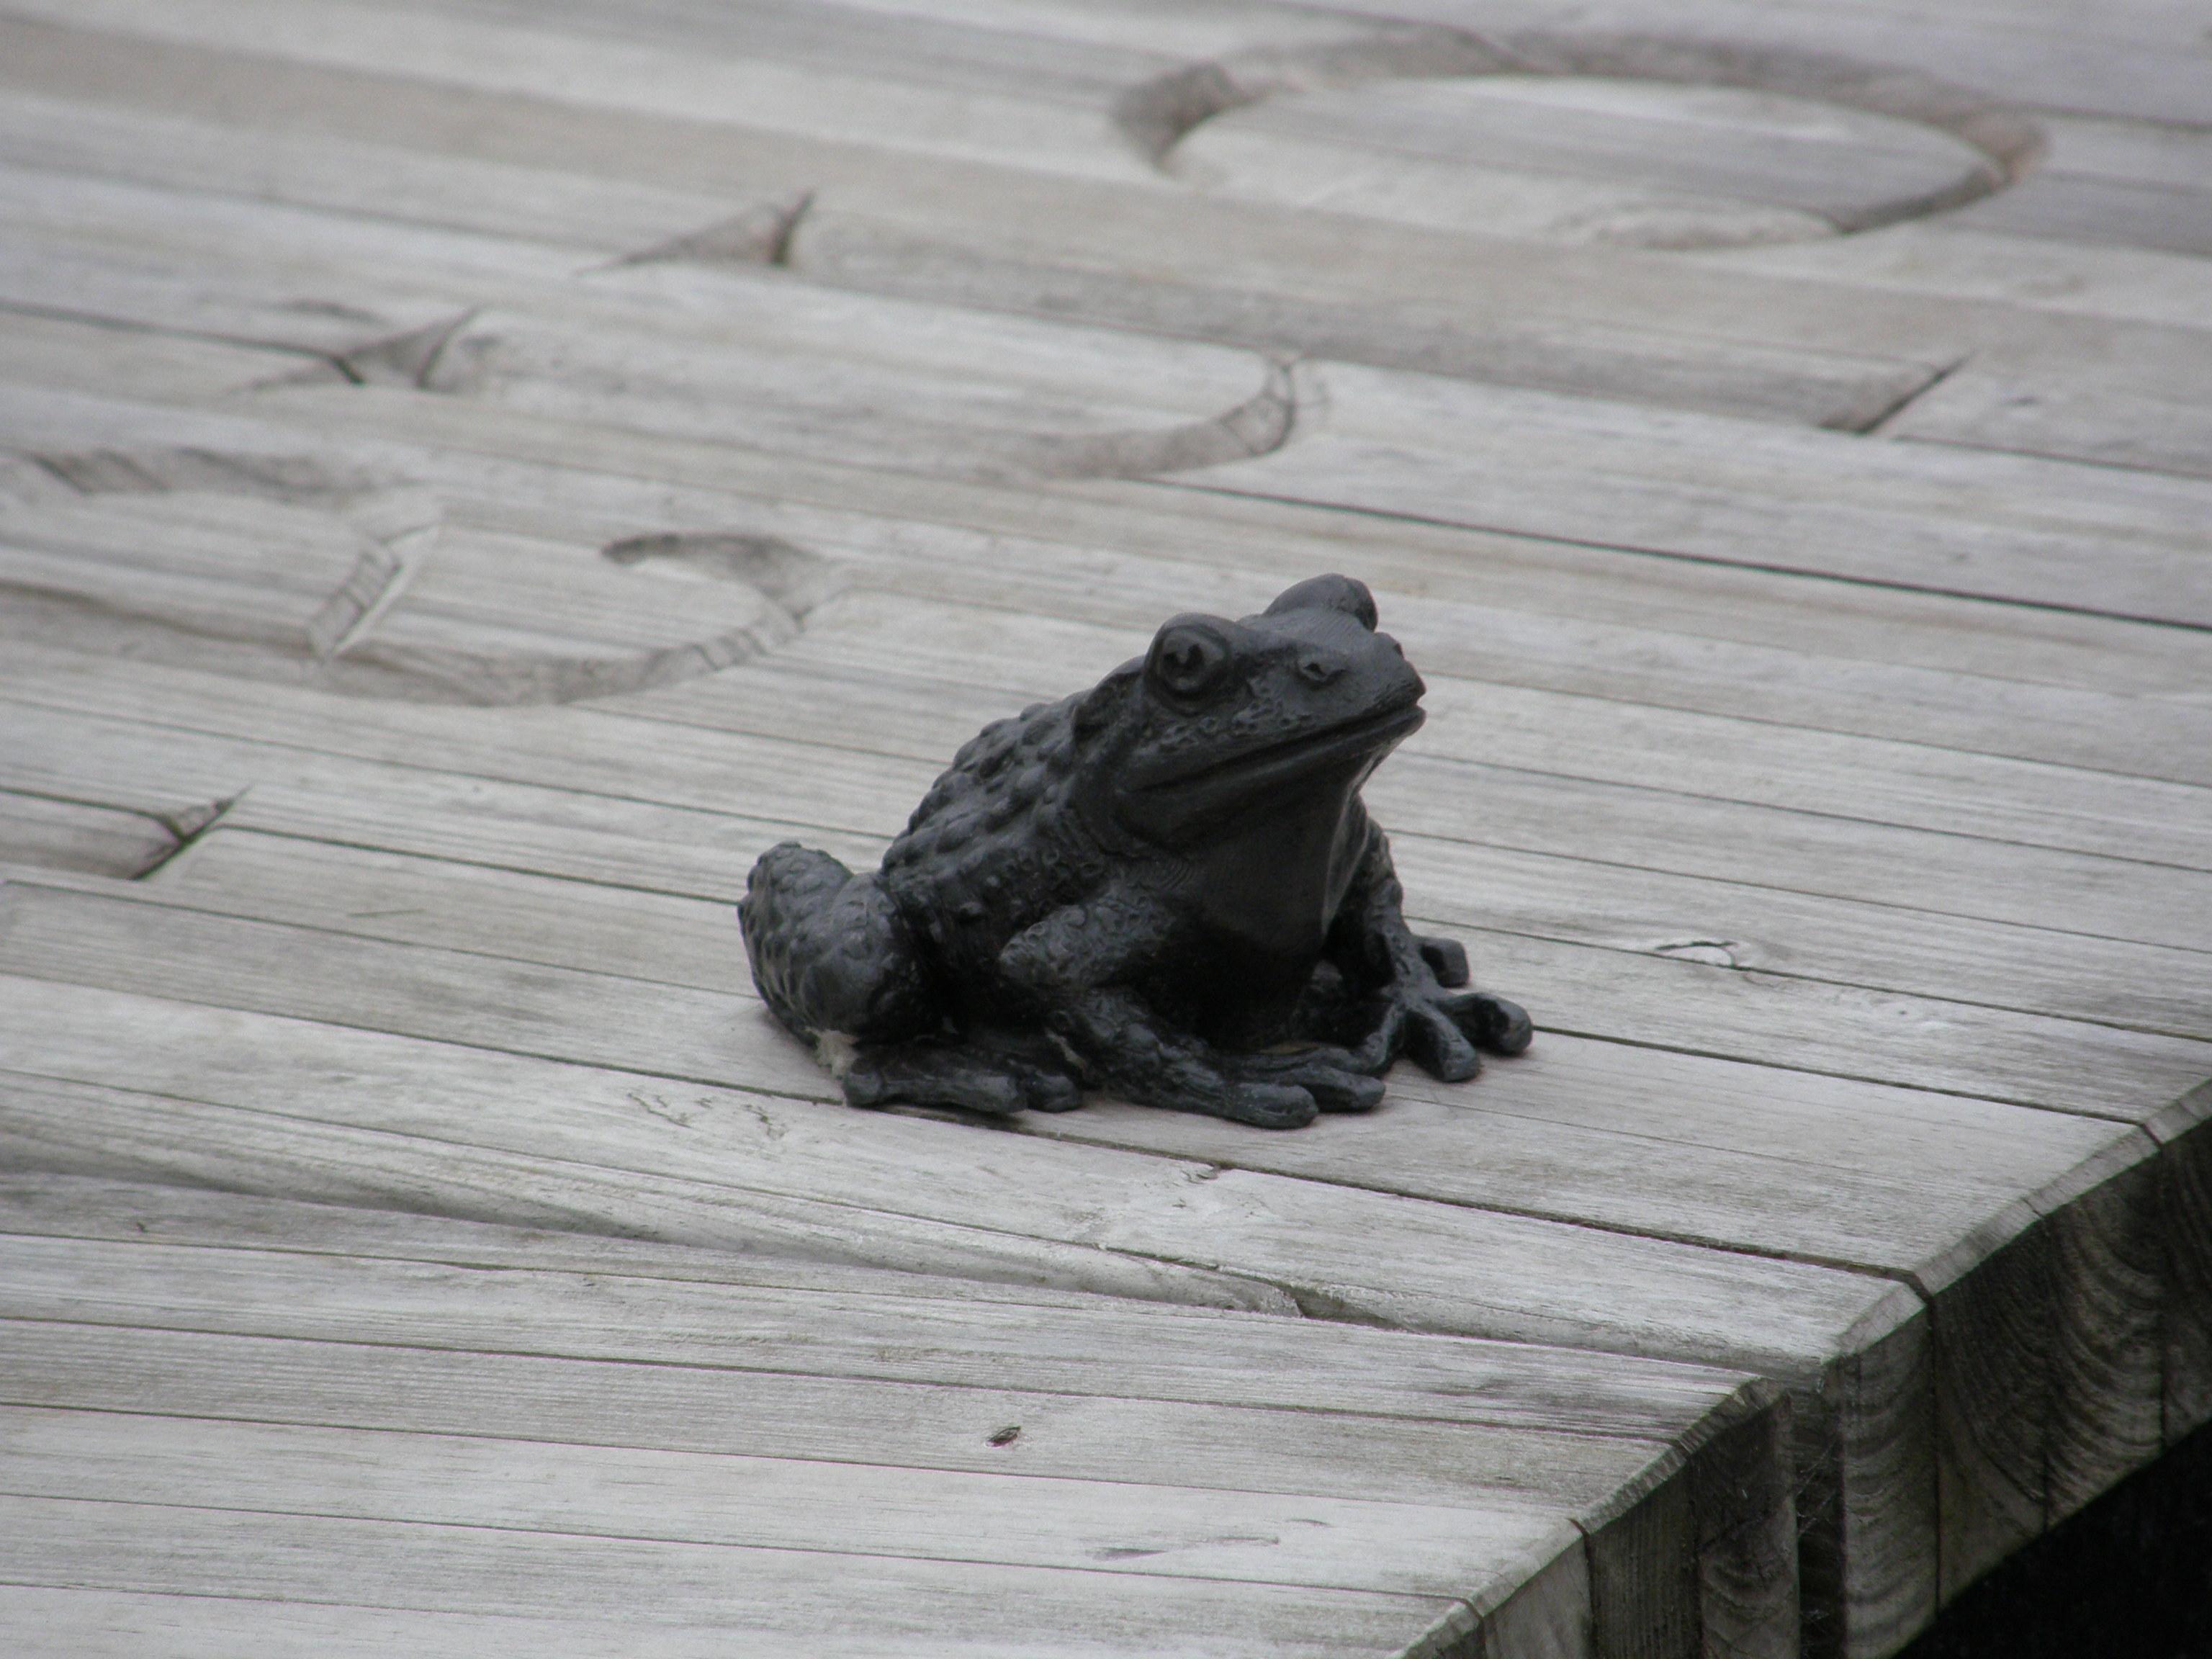 Frog Sculpture, Rooftop Garden, New Lanark, Scotland